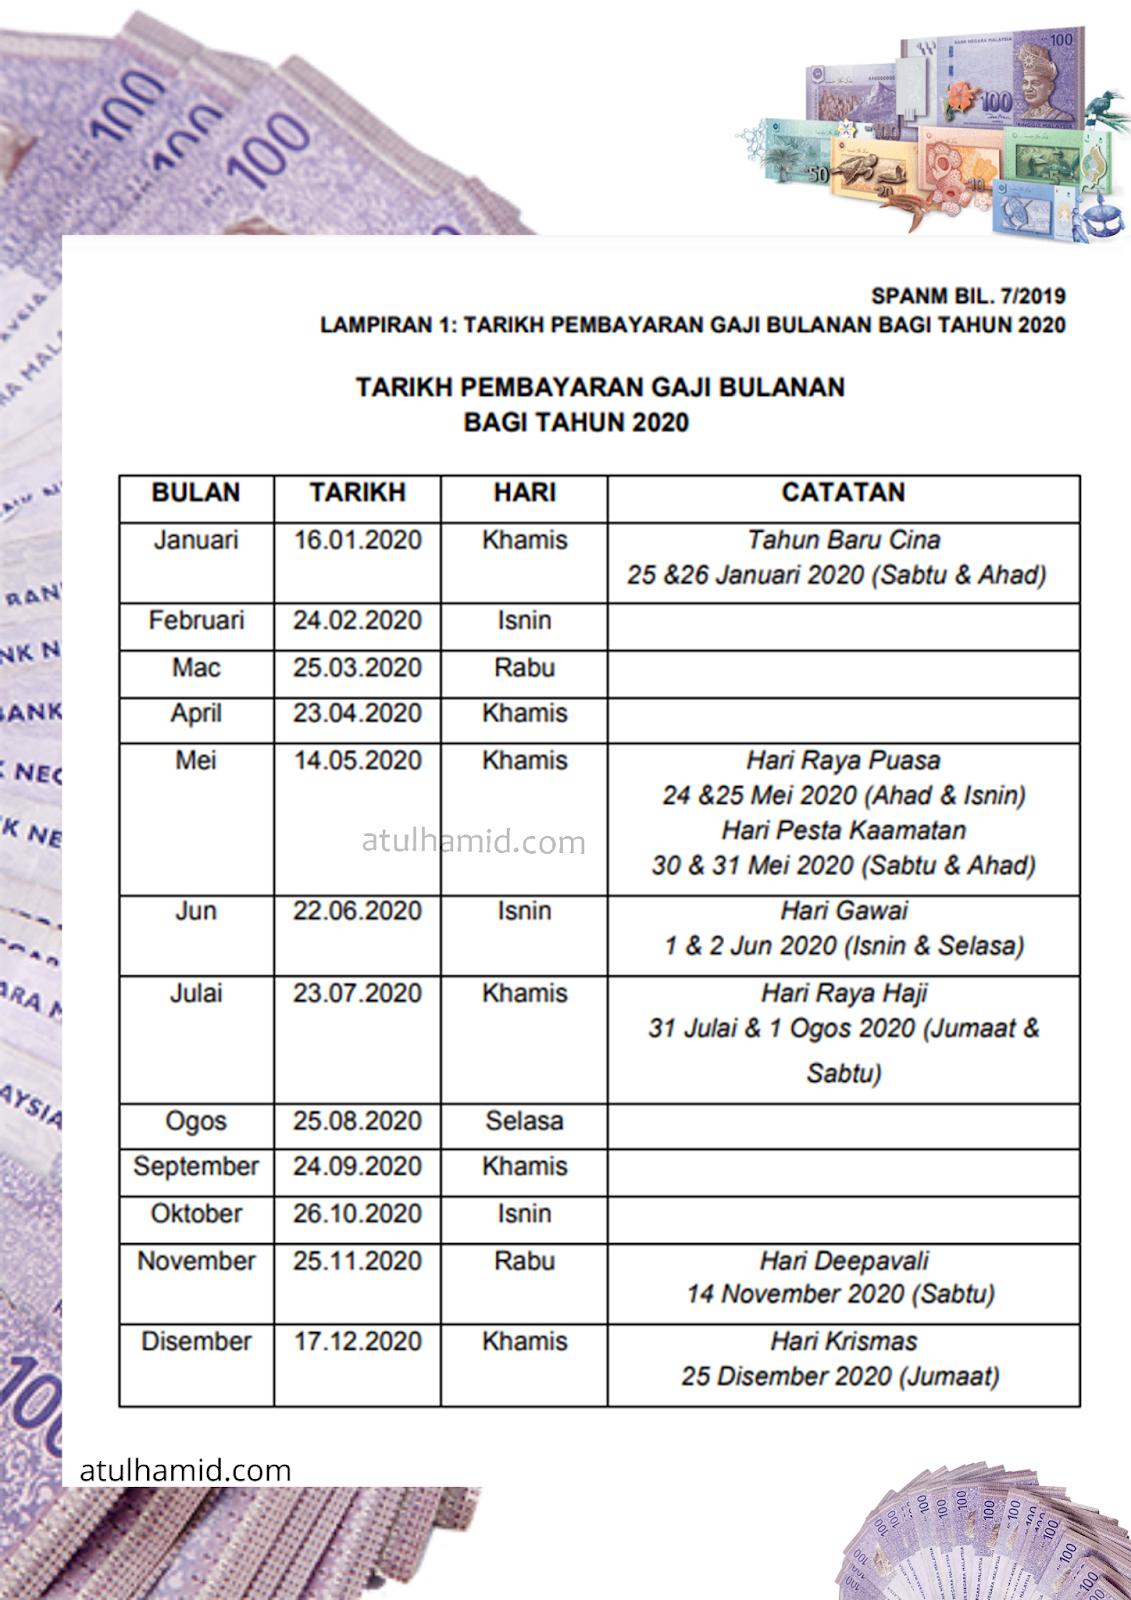 Tarikh Pembayaran Gaji Bulanan Bagi Tahun 2020 Atul Hamid